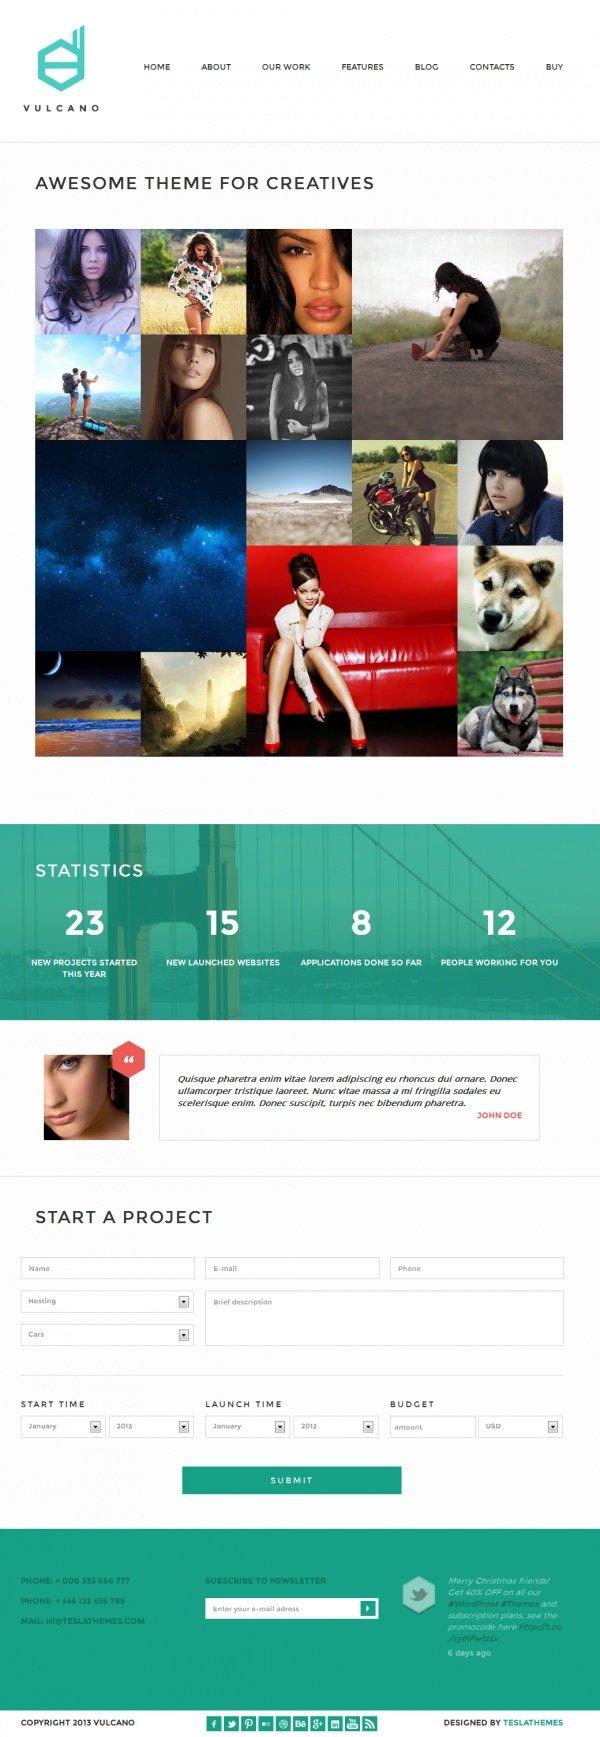 Vulcano Best Creative WordPress Themes June